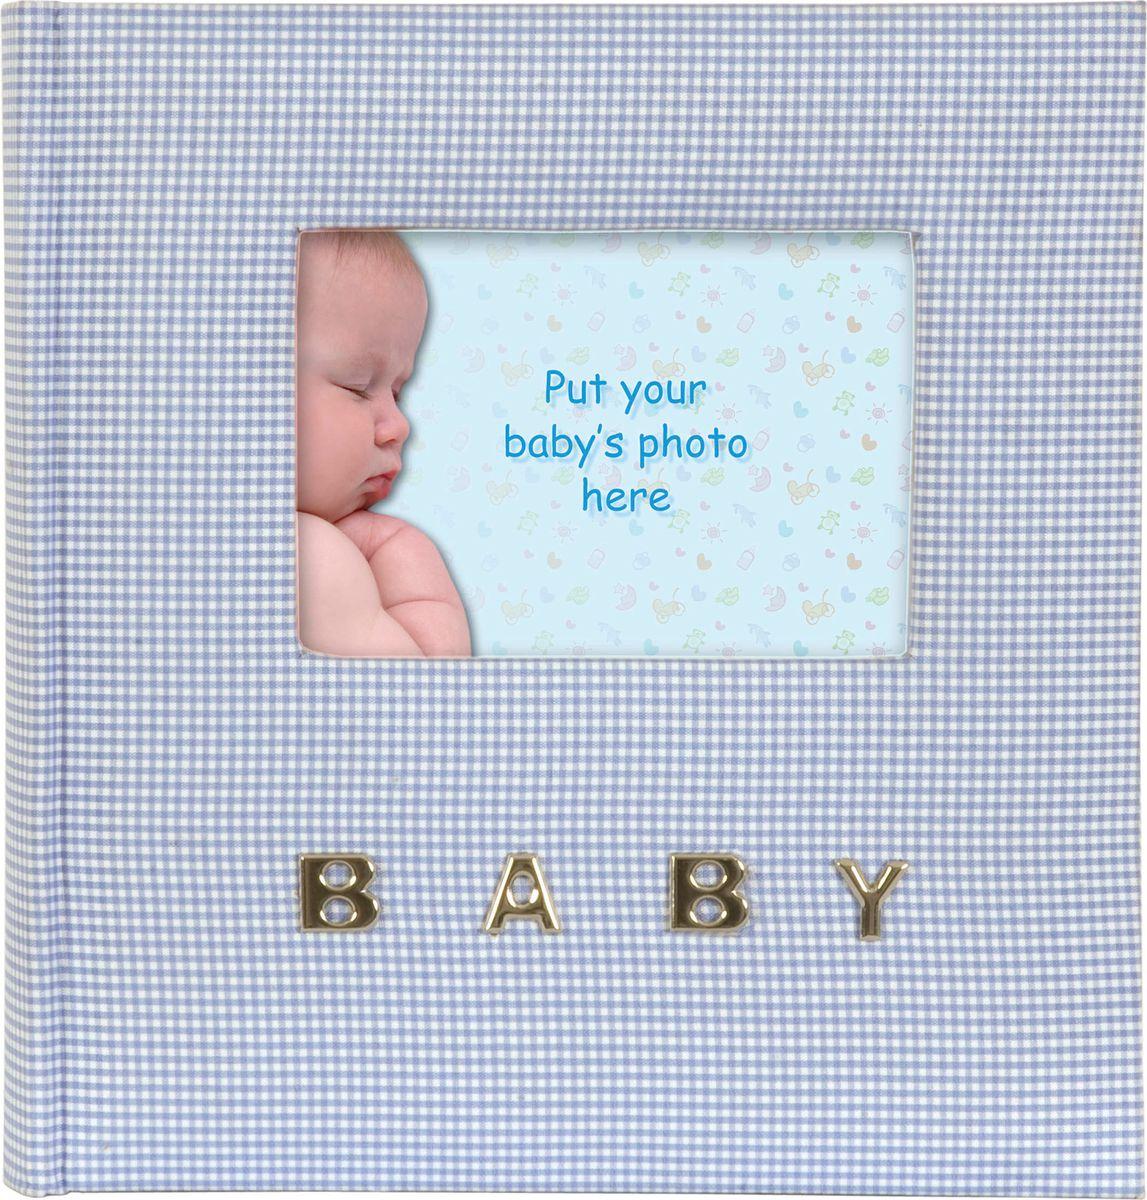 Фотоальбом Innova Baby Gingham, цвет: голубой, 100 фотографий, 10 x 15 см. Q9306338 фотоальбом окно цвет голубой 100 фотографий 10 х 15 см